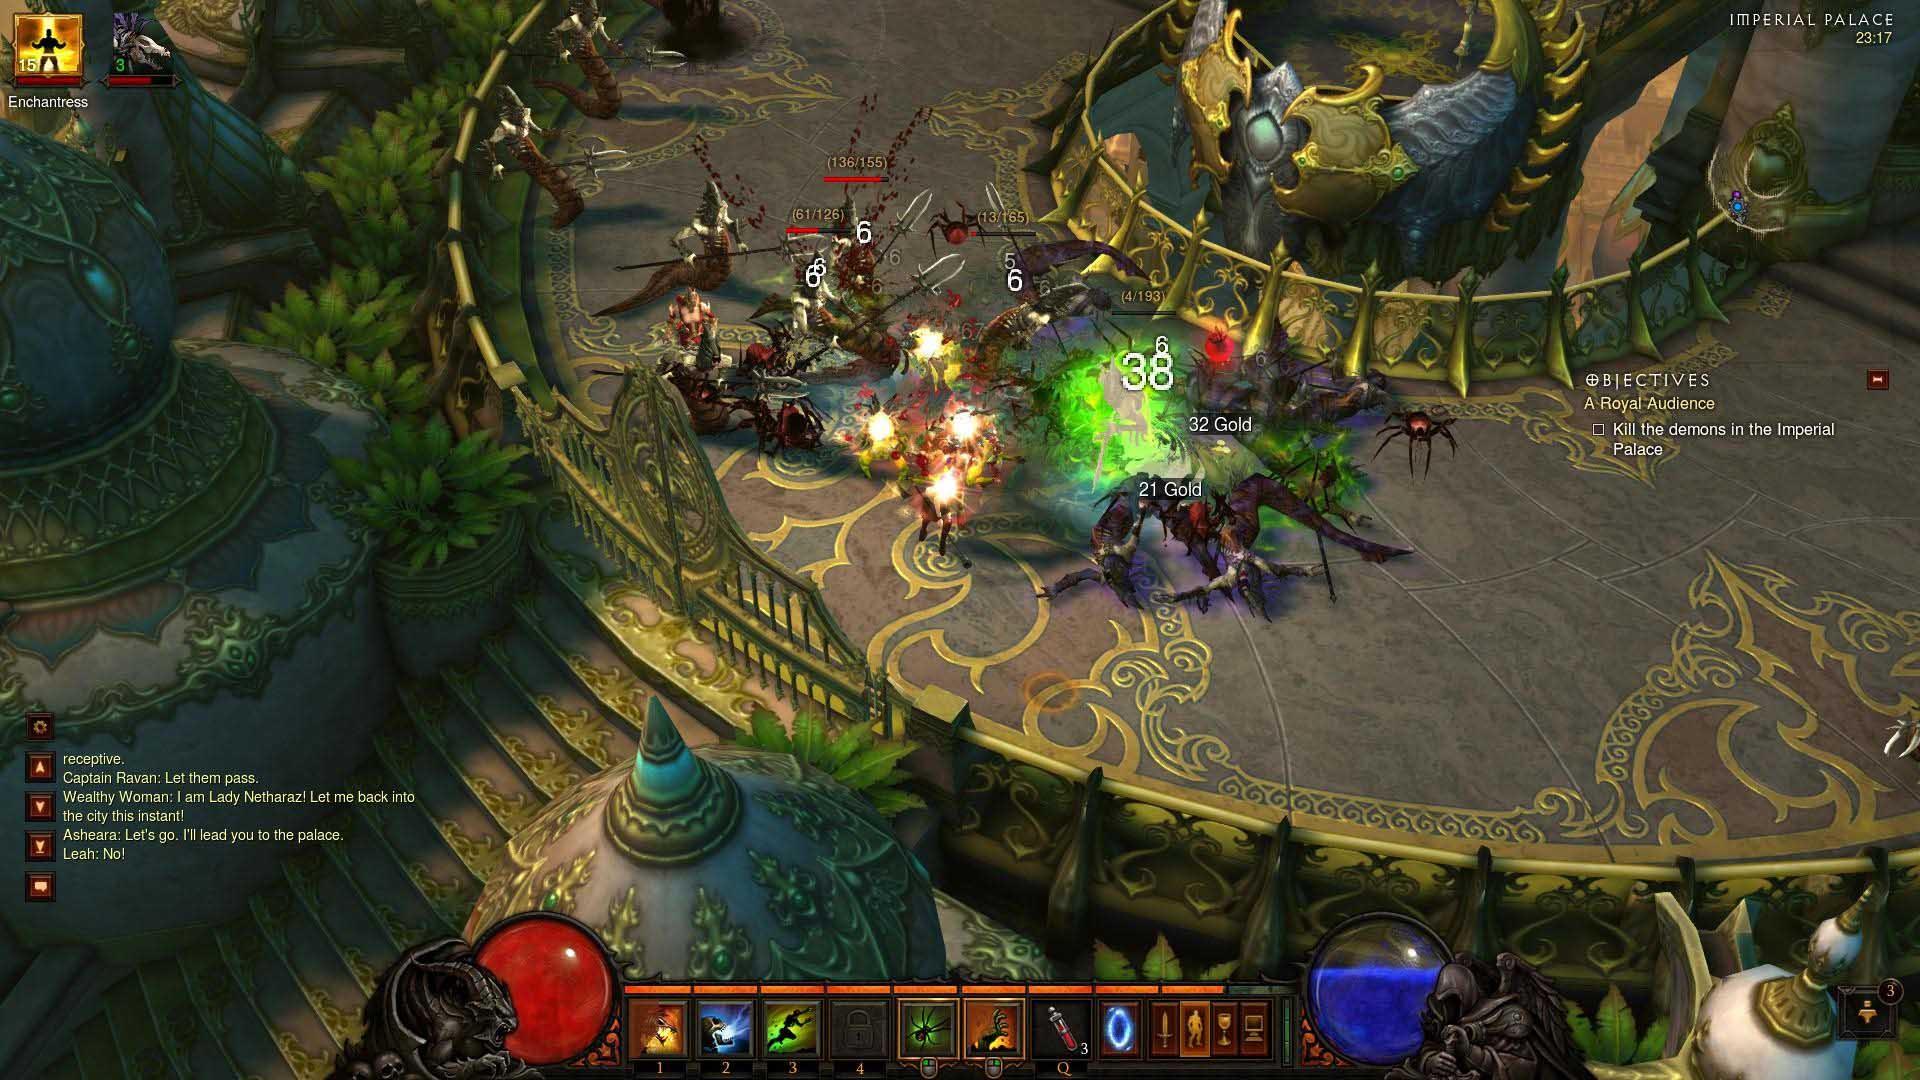 لعبة Diablo Blizzard entertainment